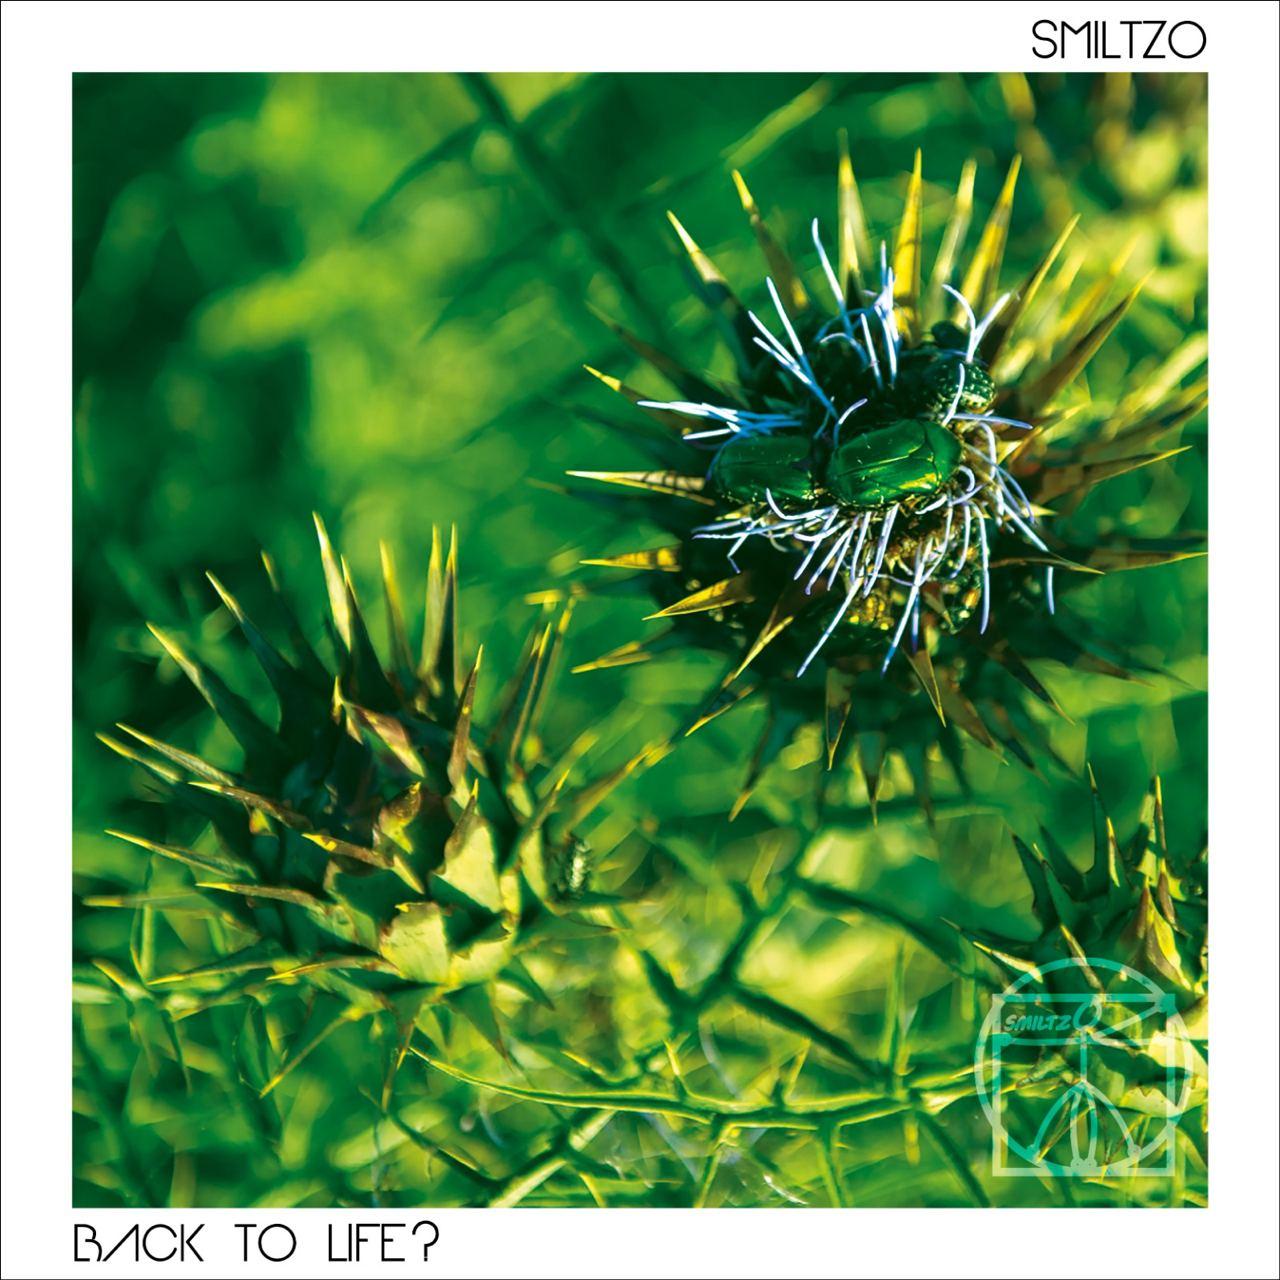 IYE40: Smiltzo - Back To Life